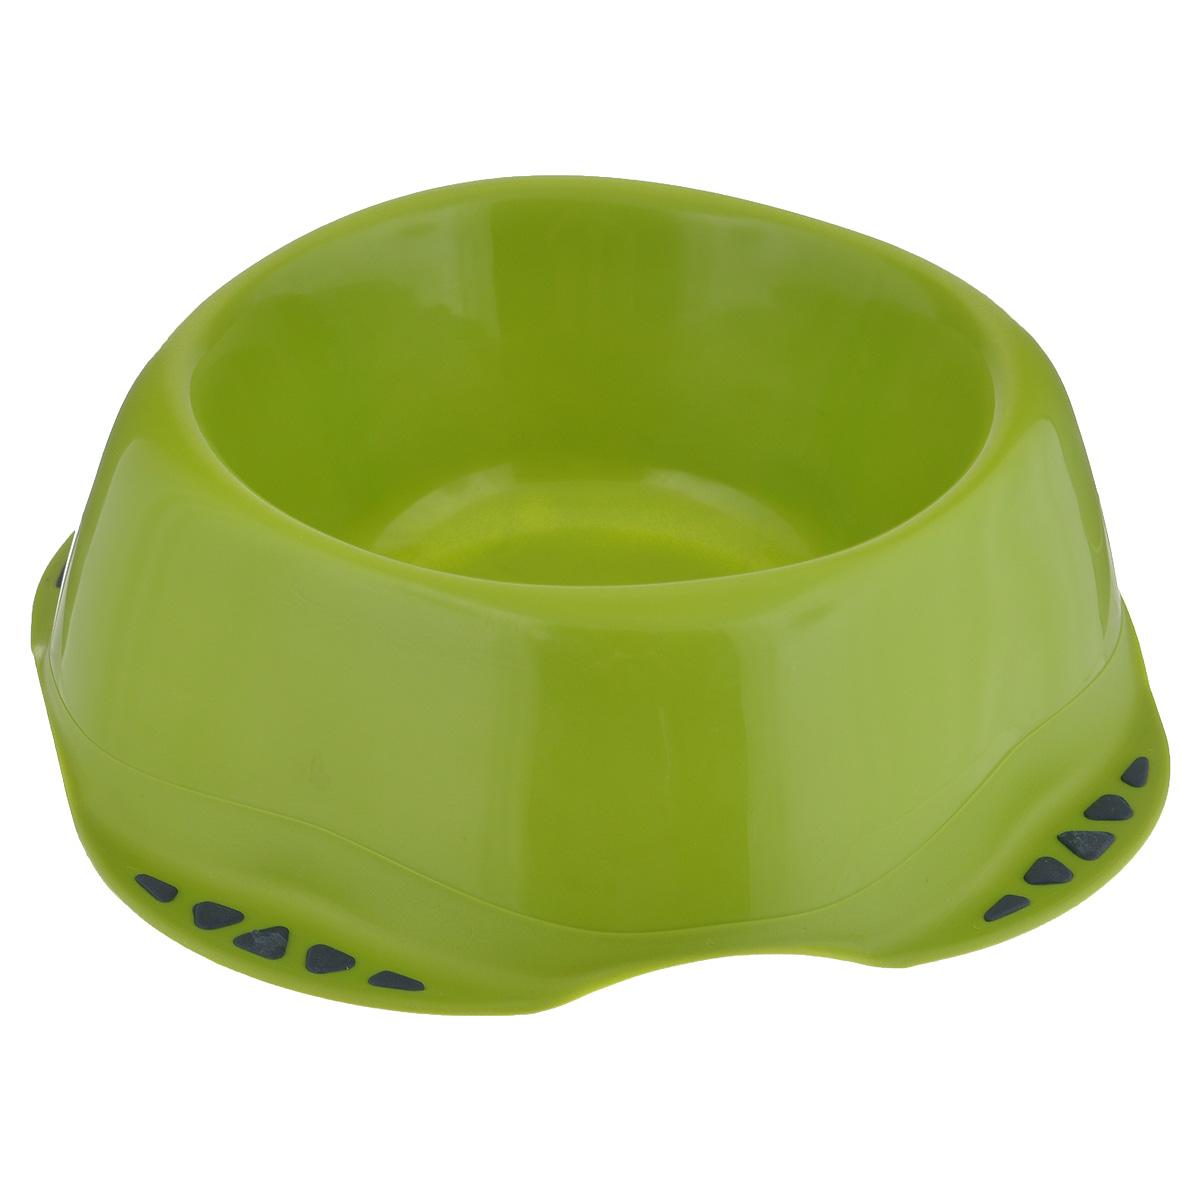 Миска для животных MPS Maya M, цвет: салатовый, 0,6 л0120710Миска для животных MPS Maya M изготовлена из цветного пластика, не впитывающего посторонние запахи. Подходит как для кошек, так и для собак, хорьков, кроликов, морских свинок. На дне имеются противоскользящие резиновые вставки. Миска для животных MPS Maya M, подойдет как для корма, так и для воды.Объем: 0,6 л. Диаметр (по верхнему краю): 14,5 см. Диаметр основания: 21,5 см. Высота миски: 6,5 см.Товар сертифицирован.